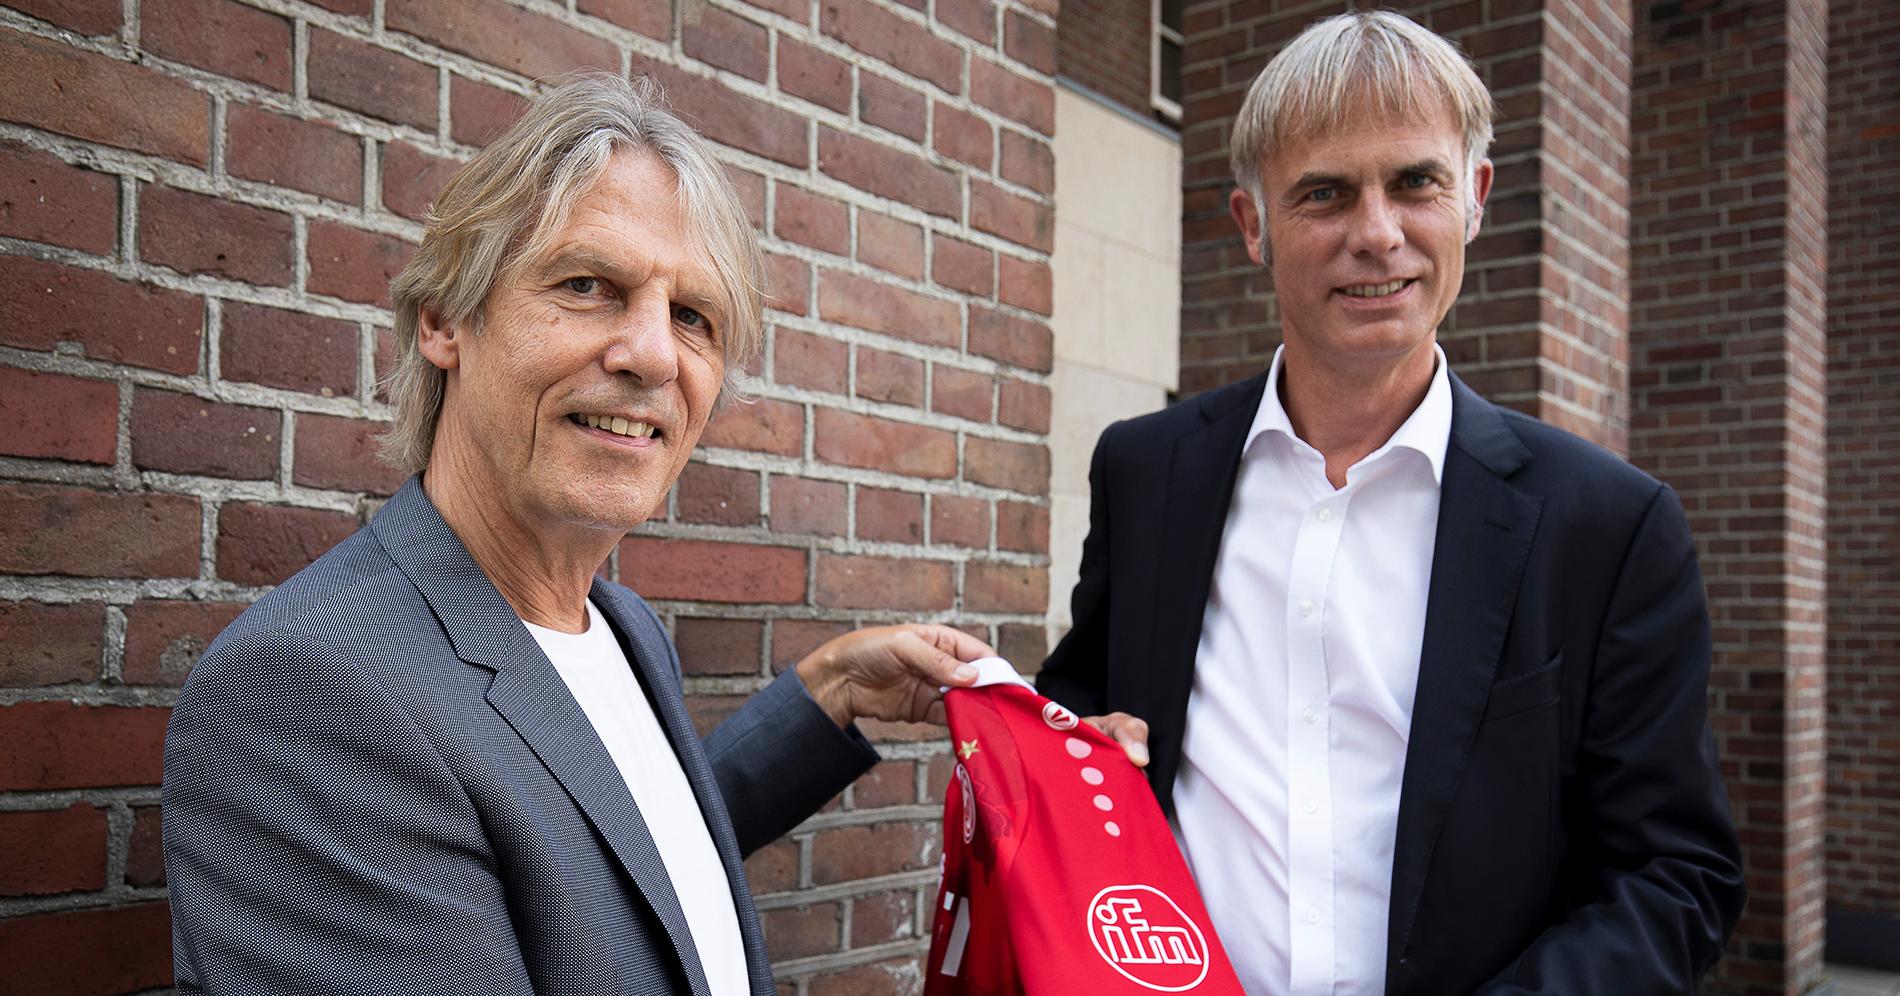 RWE-Marketingleiter Rainer Koch (l.) und ifm-Vorstand Michael Marhofer präsentieren das Emblem auf dem Ärmel. (Foto: RWE)